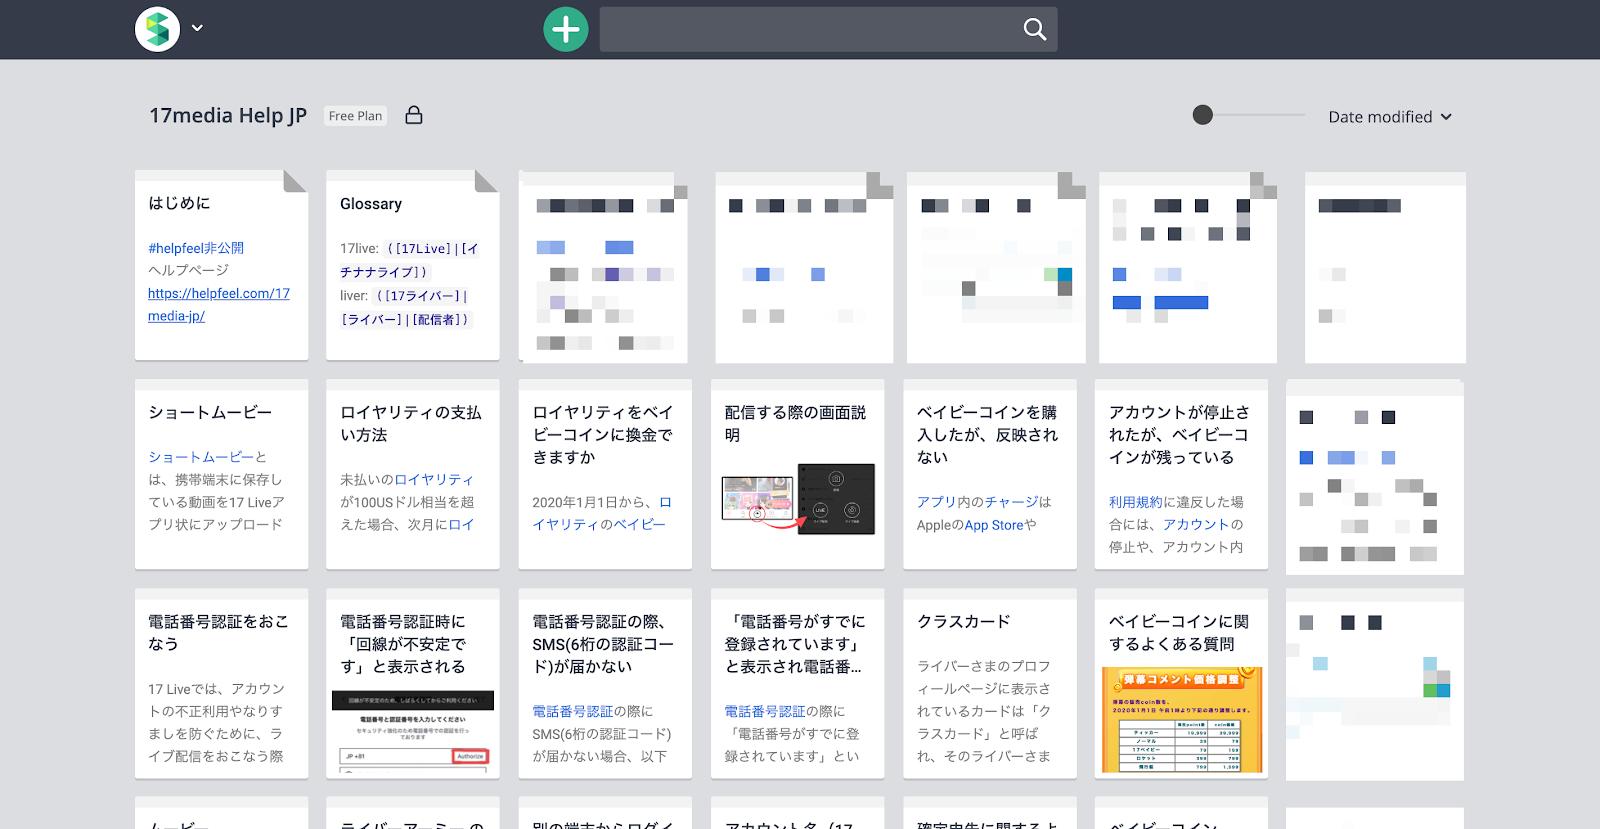 17media-Japan-helpfeel-faq-5